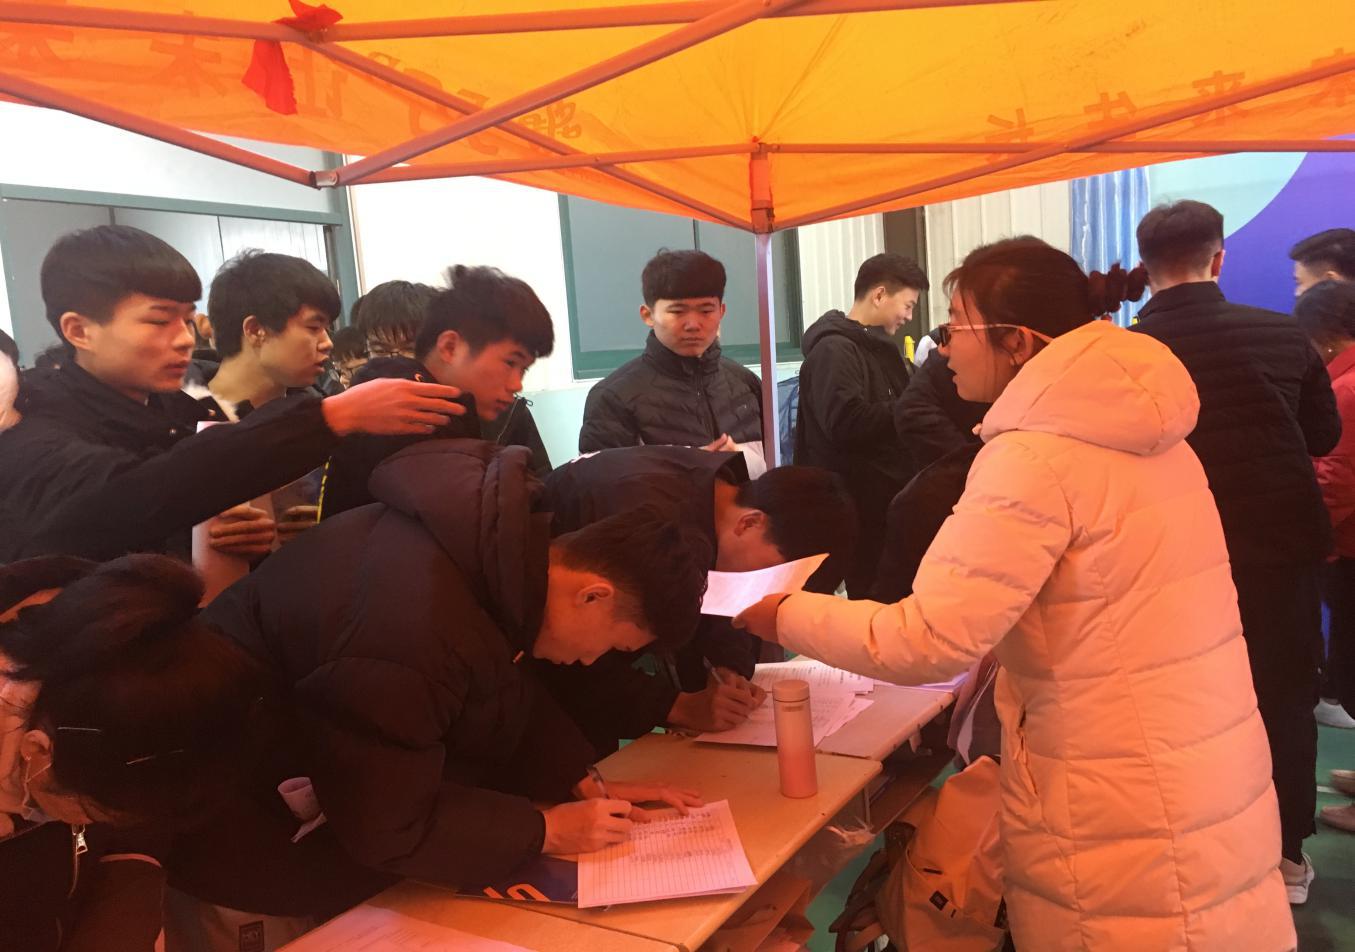 北京思路智园科技有限公司参加山东工程技师学院冬季大型招聘会